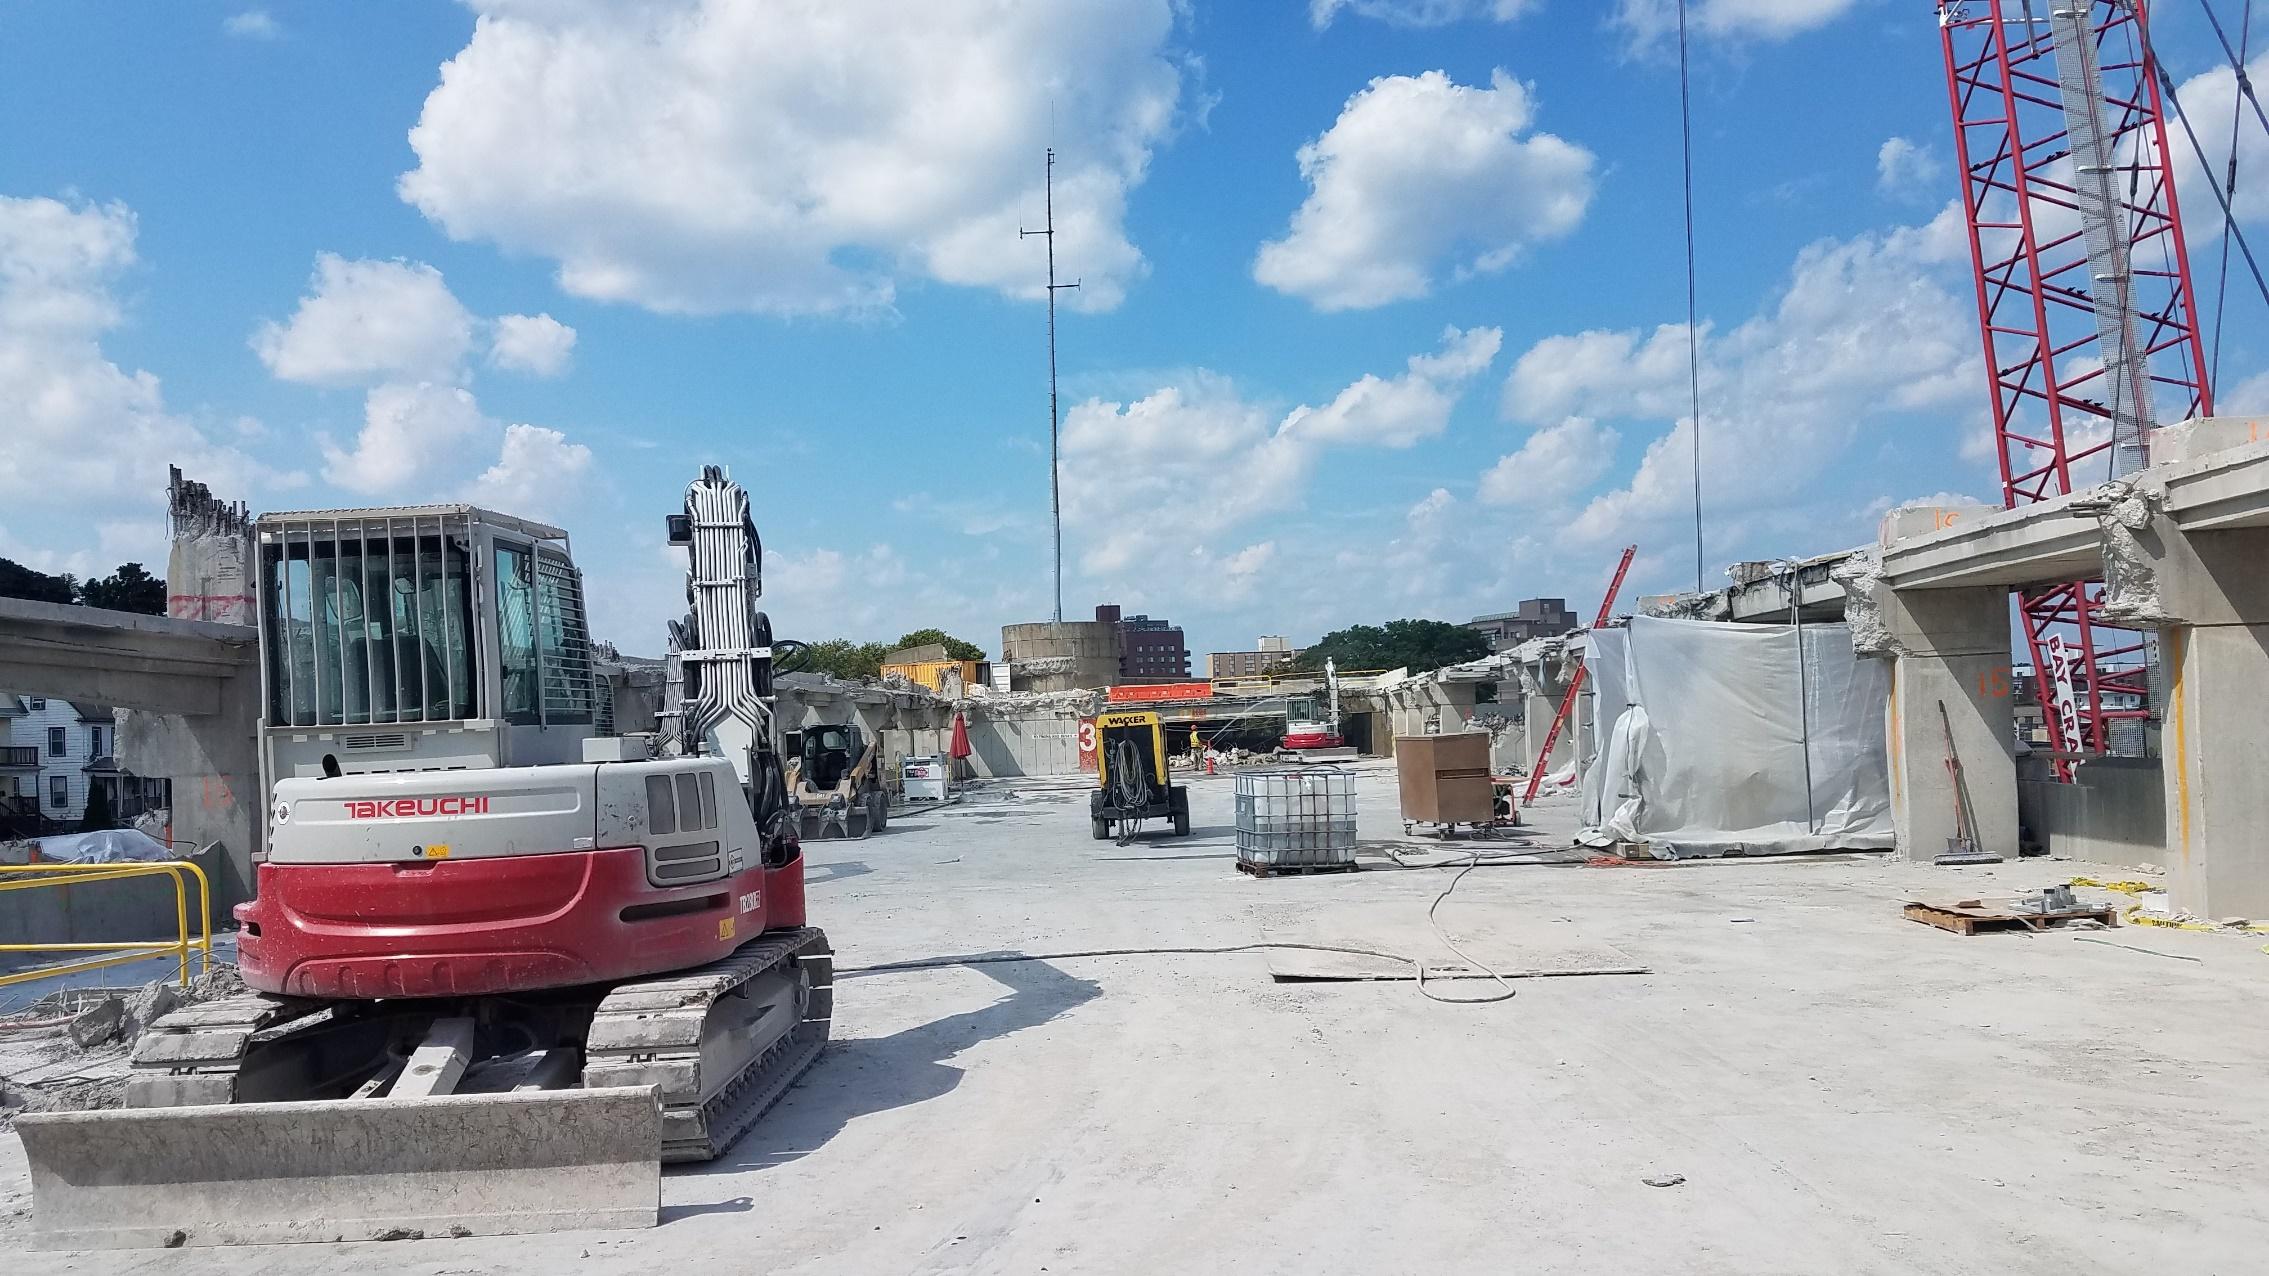 Demolition of Quincy Center garage (August 29, 2018)